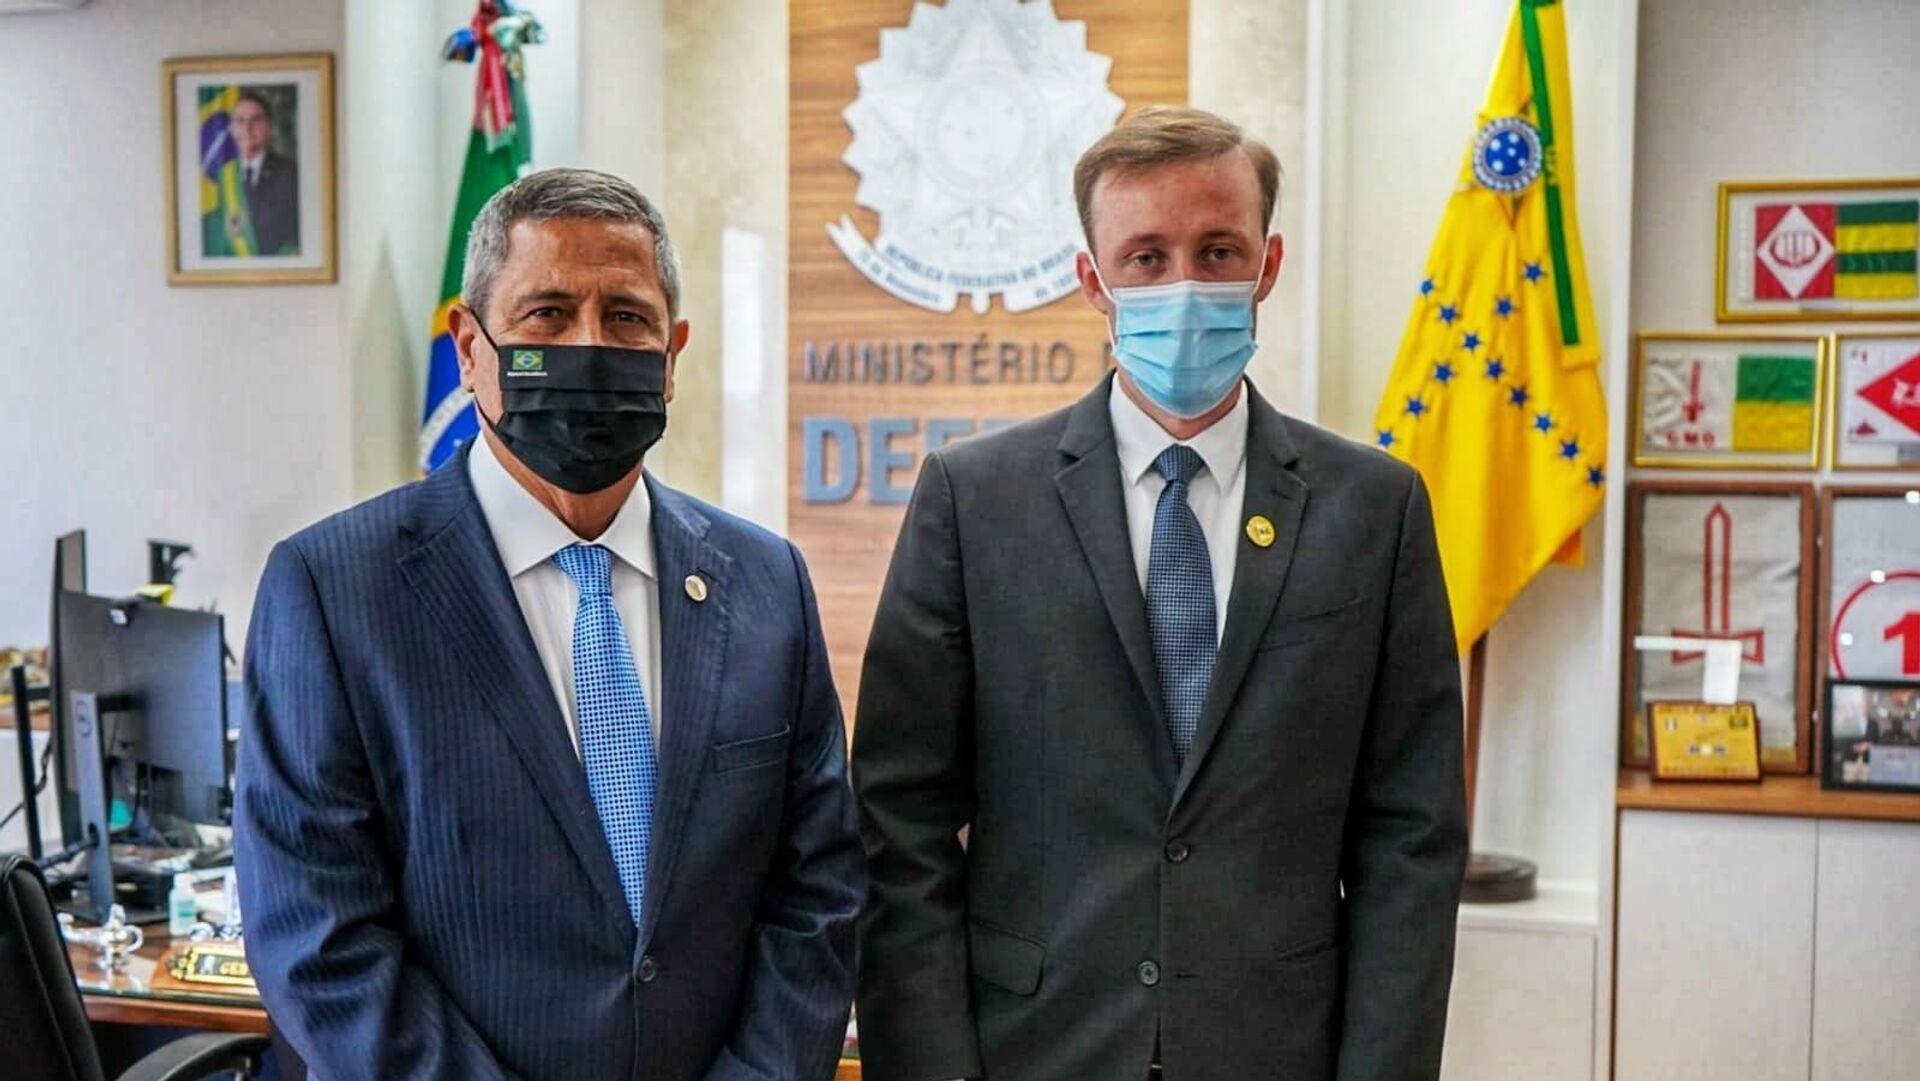 El consejero de Seguridad de EEUU, Jake Sullivan, y el ministro de Defensa de Brasil, Walter Braga Netto - Sputnik Mundo, 1920, 05.08.2021